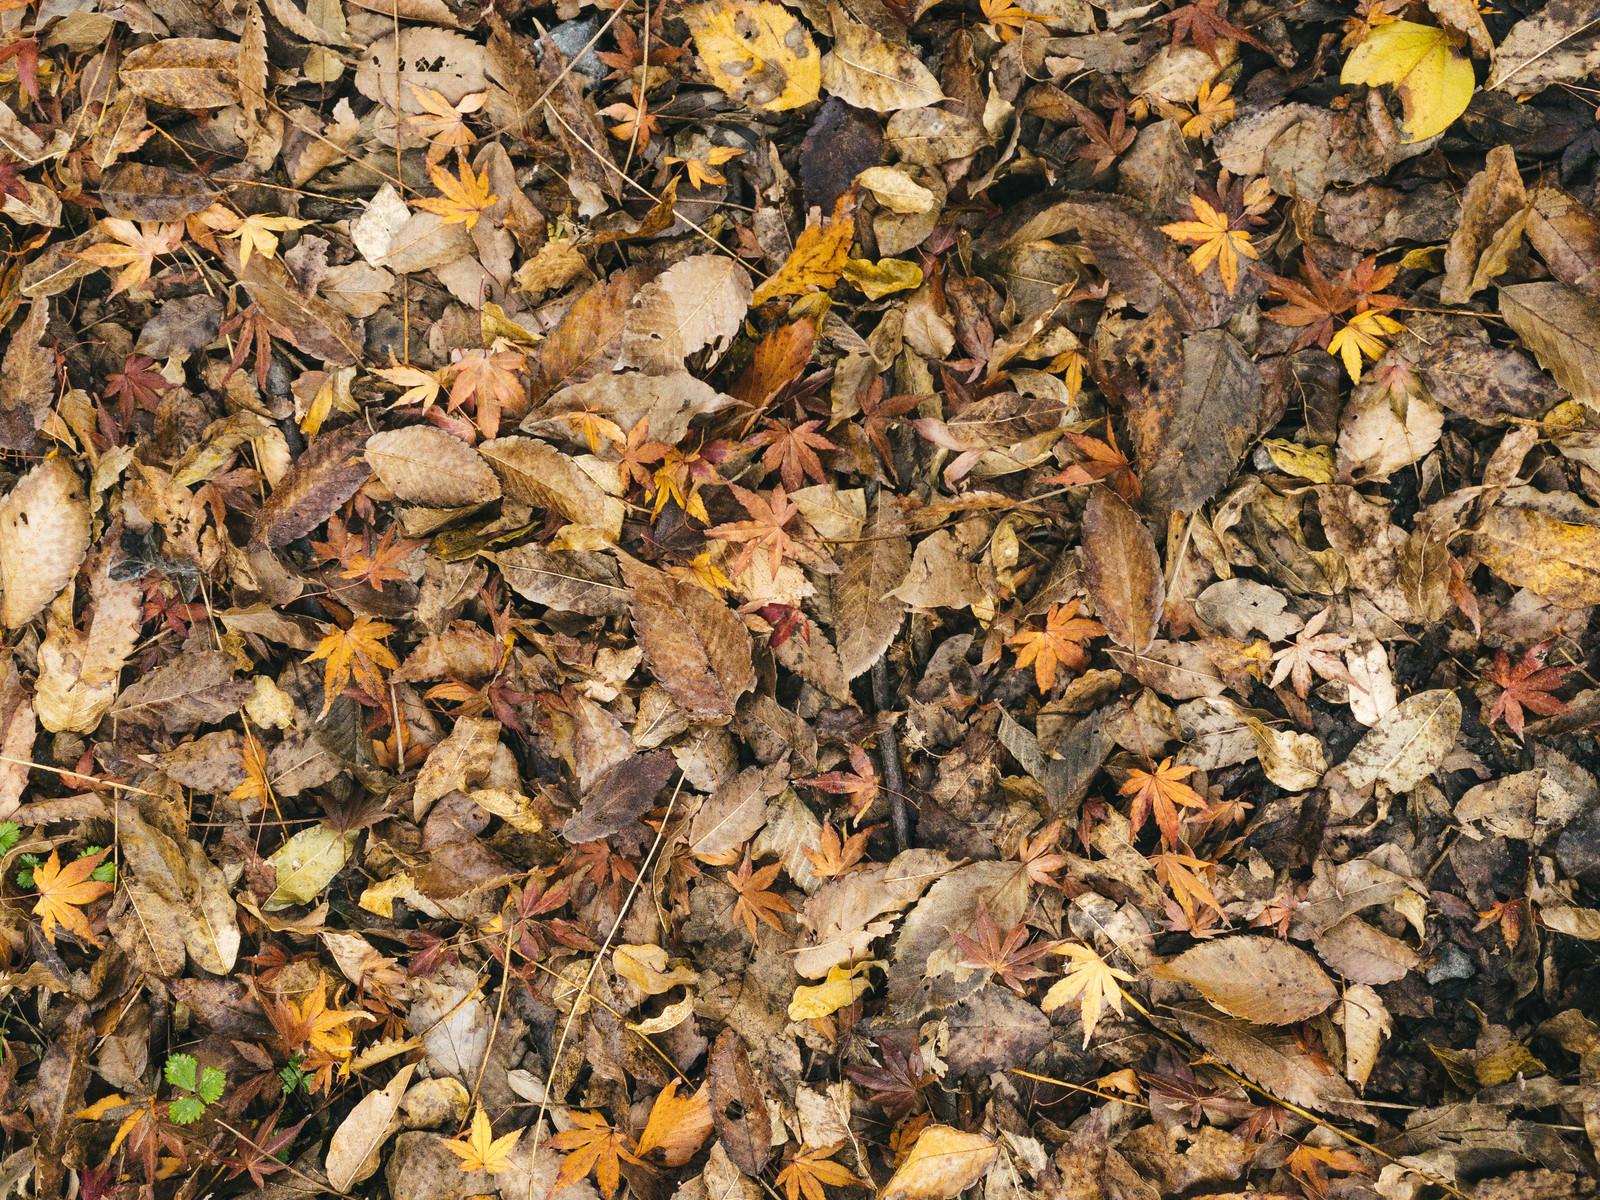 「落葉に混じる紅葉(テクスチャ)」の写真